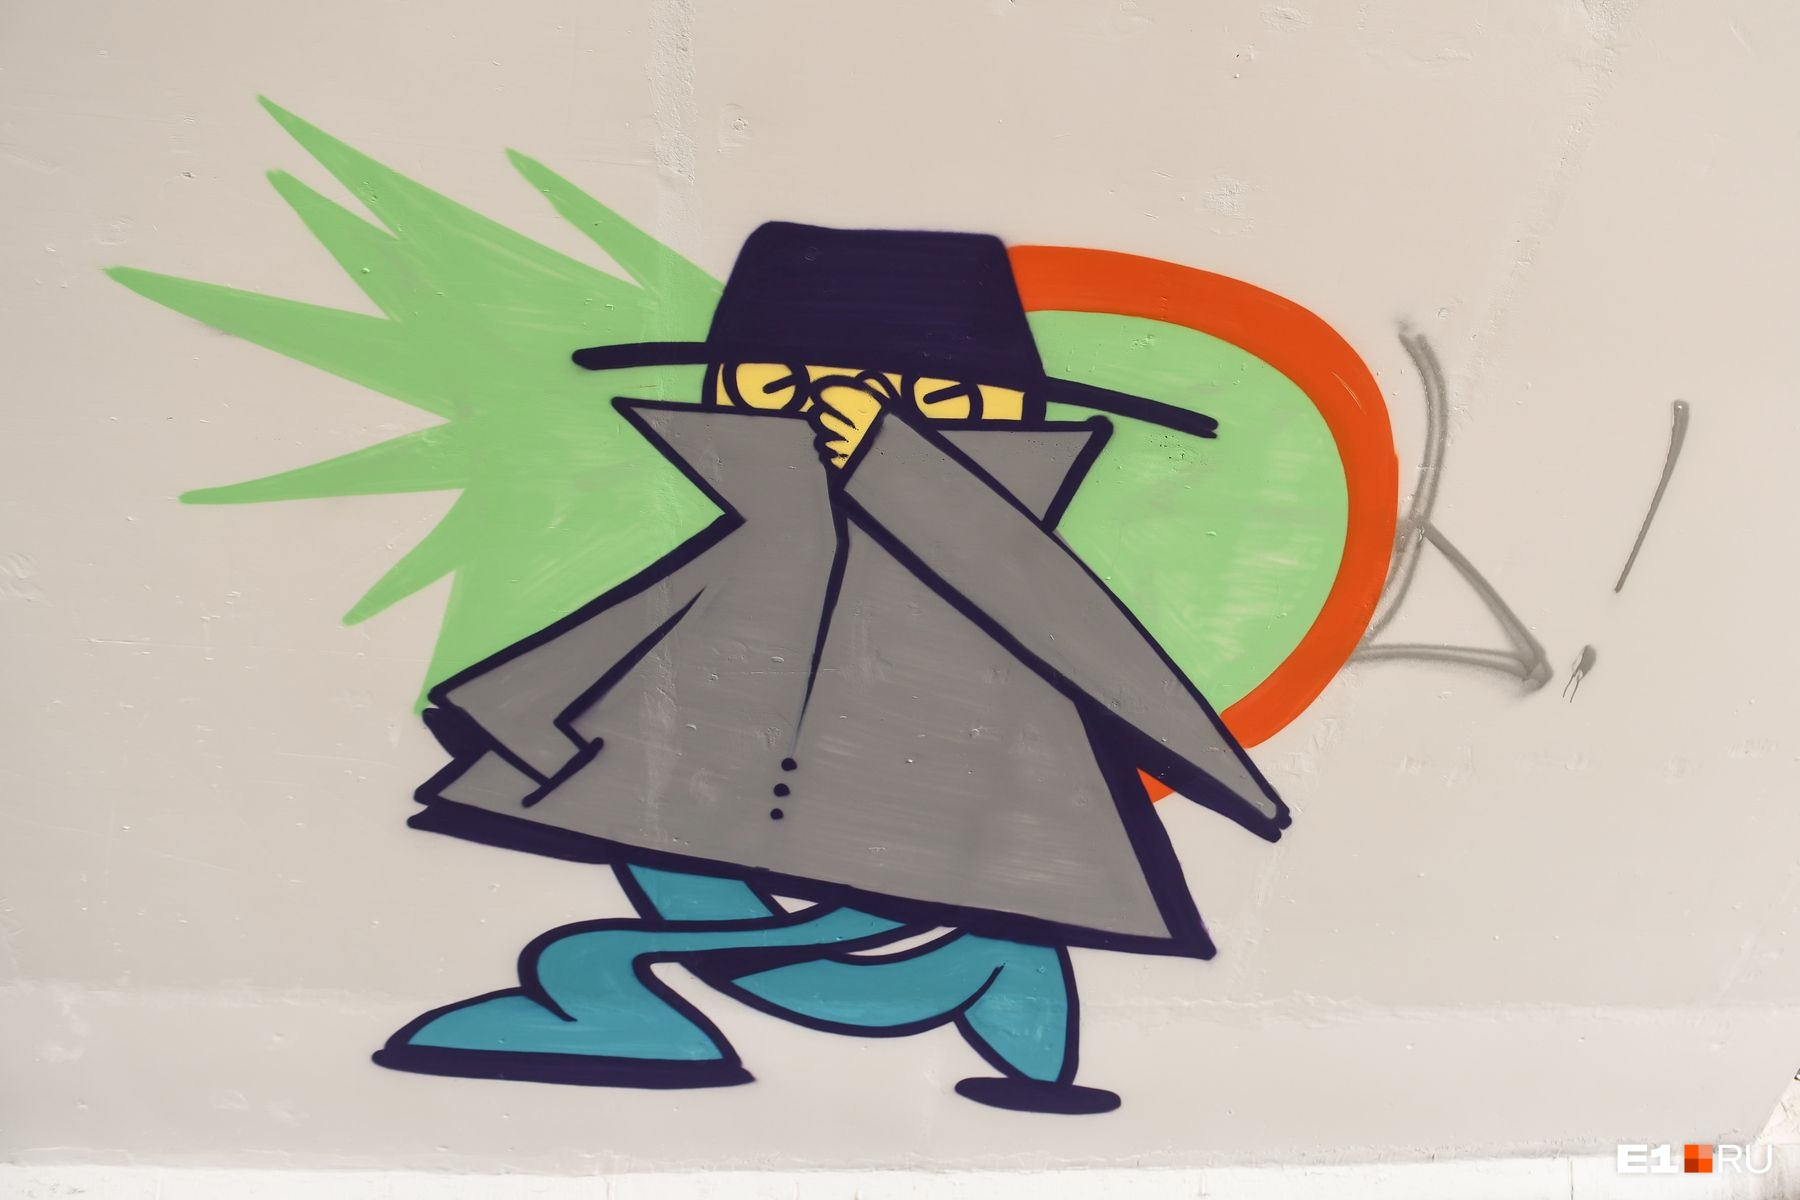 Загадочный человек в плаще и шляпе, зажав нос, убегает от чего-то, что очень неприятно пахнет